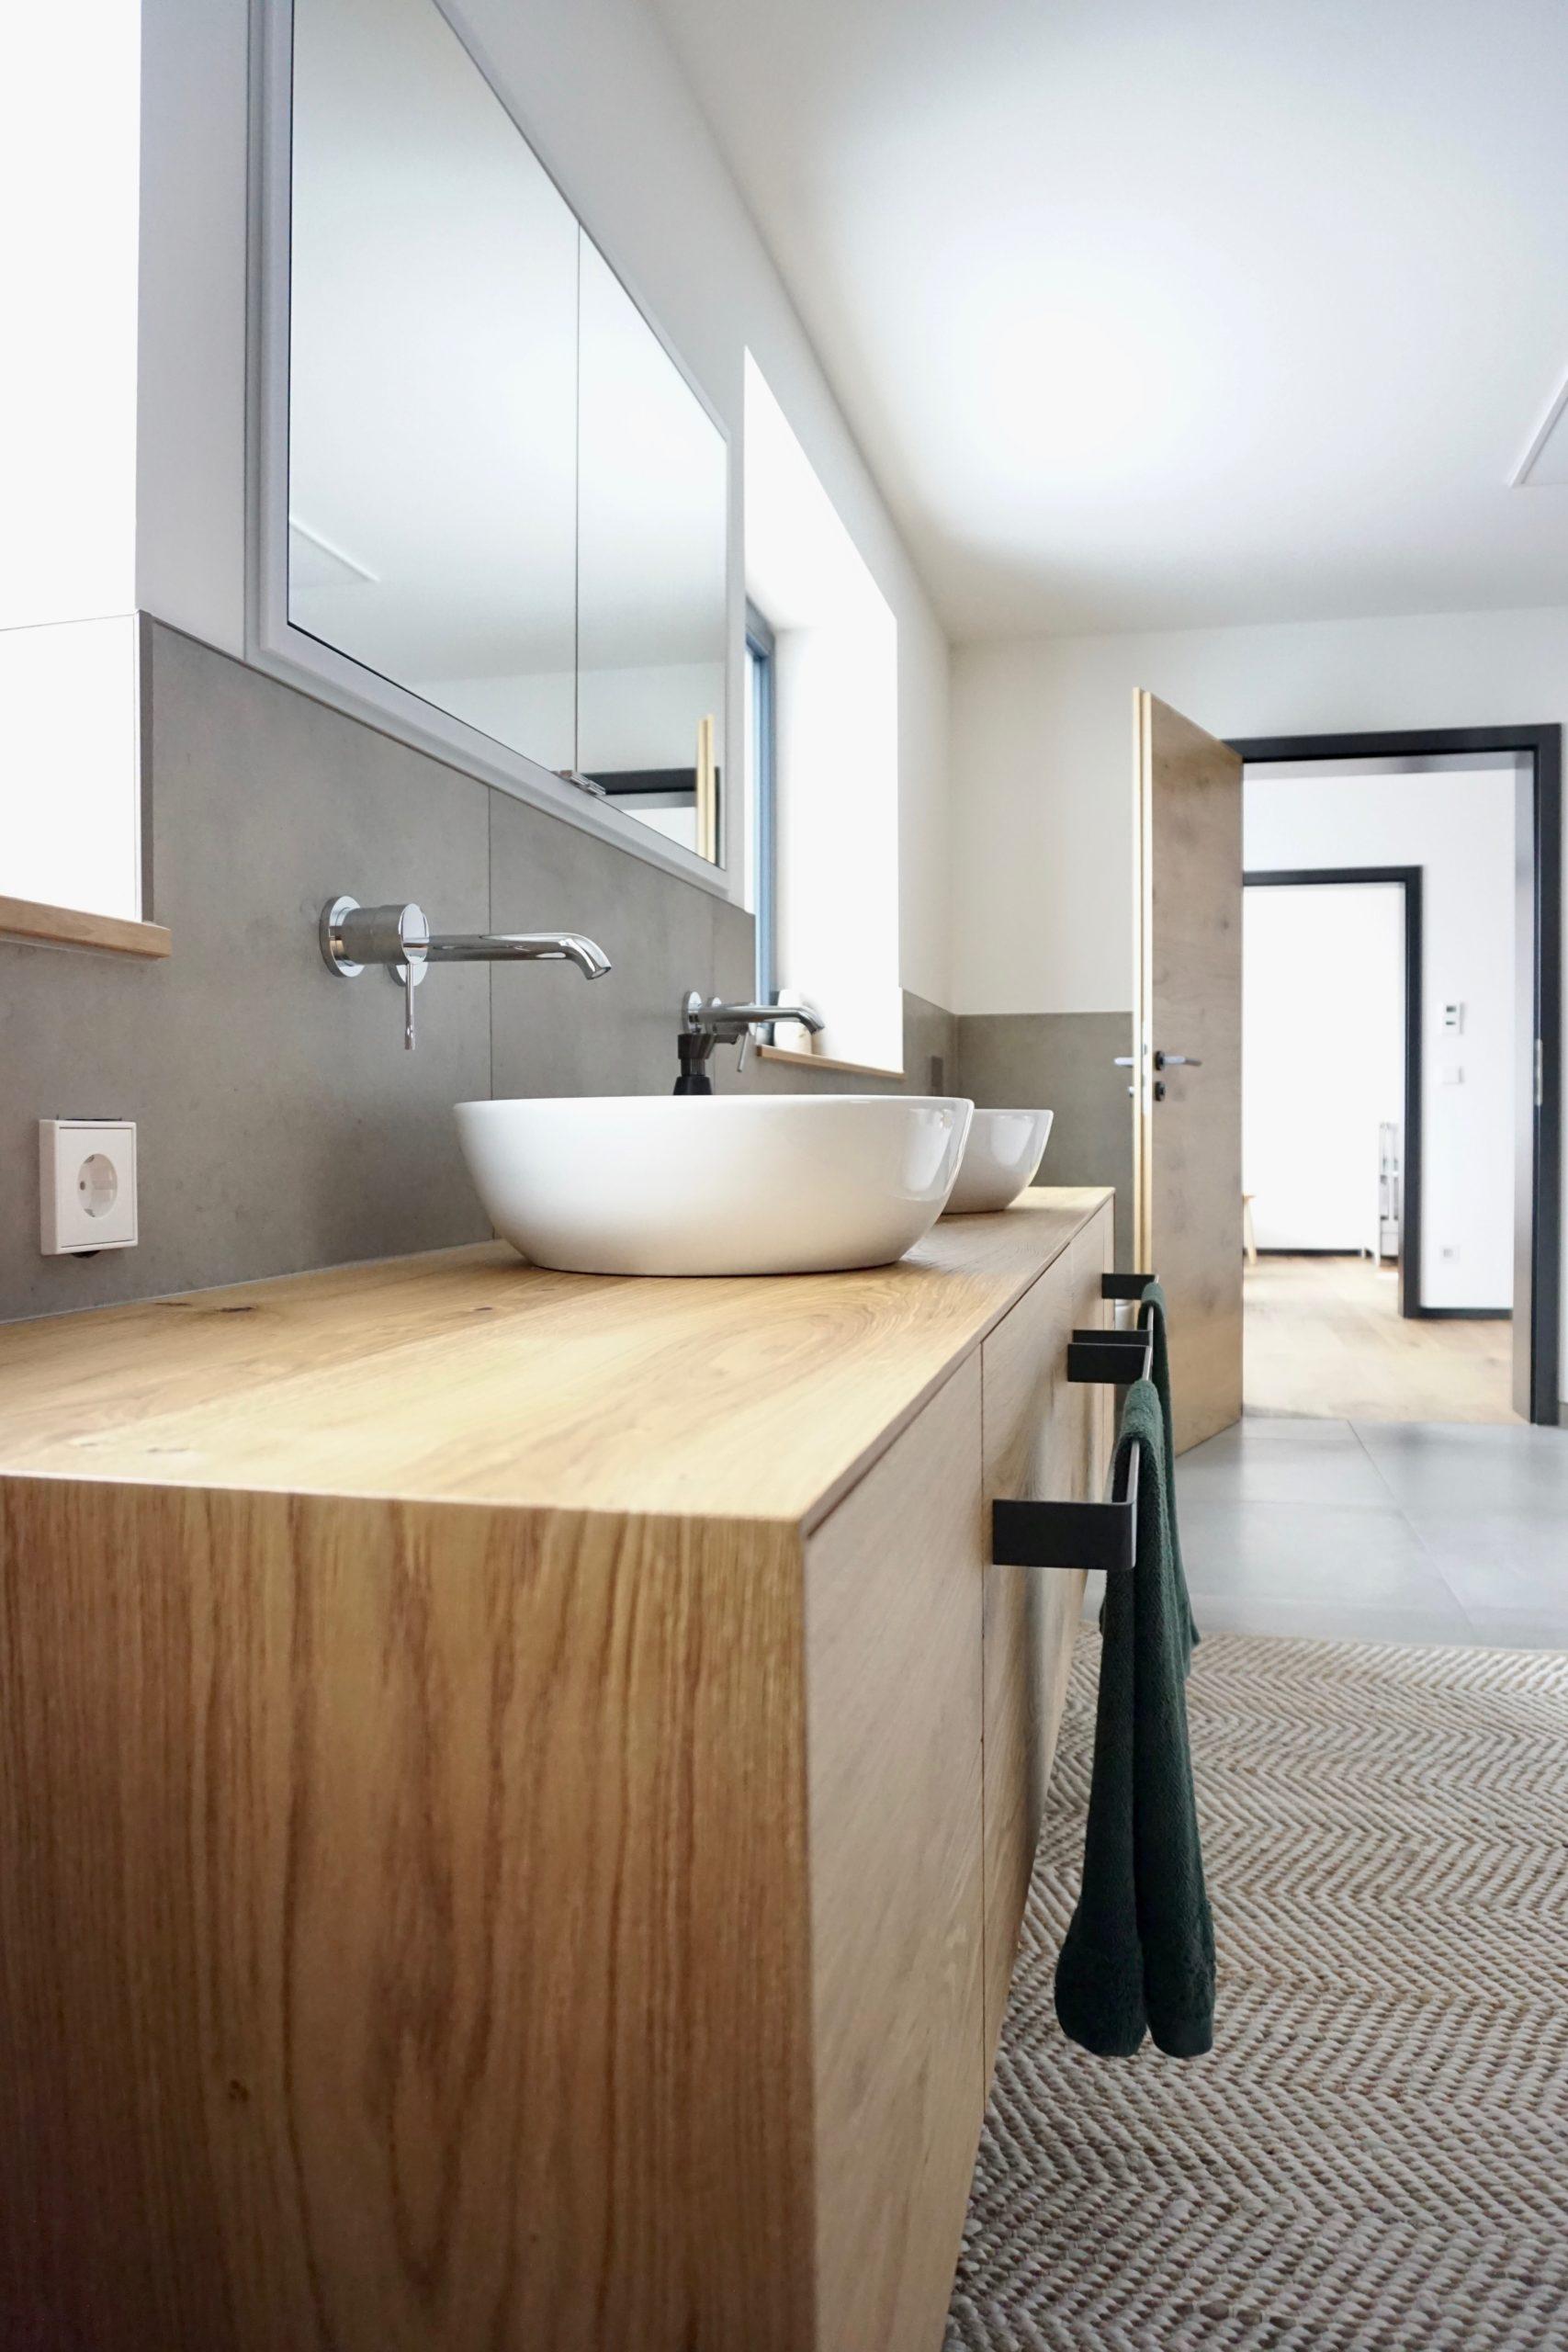 Waschtisch Aufsatzwaschbecken Möbel Immenstaad am Bodensee